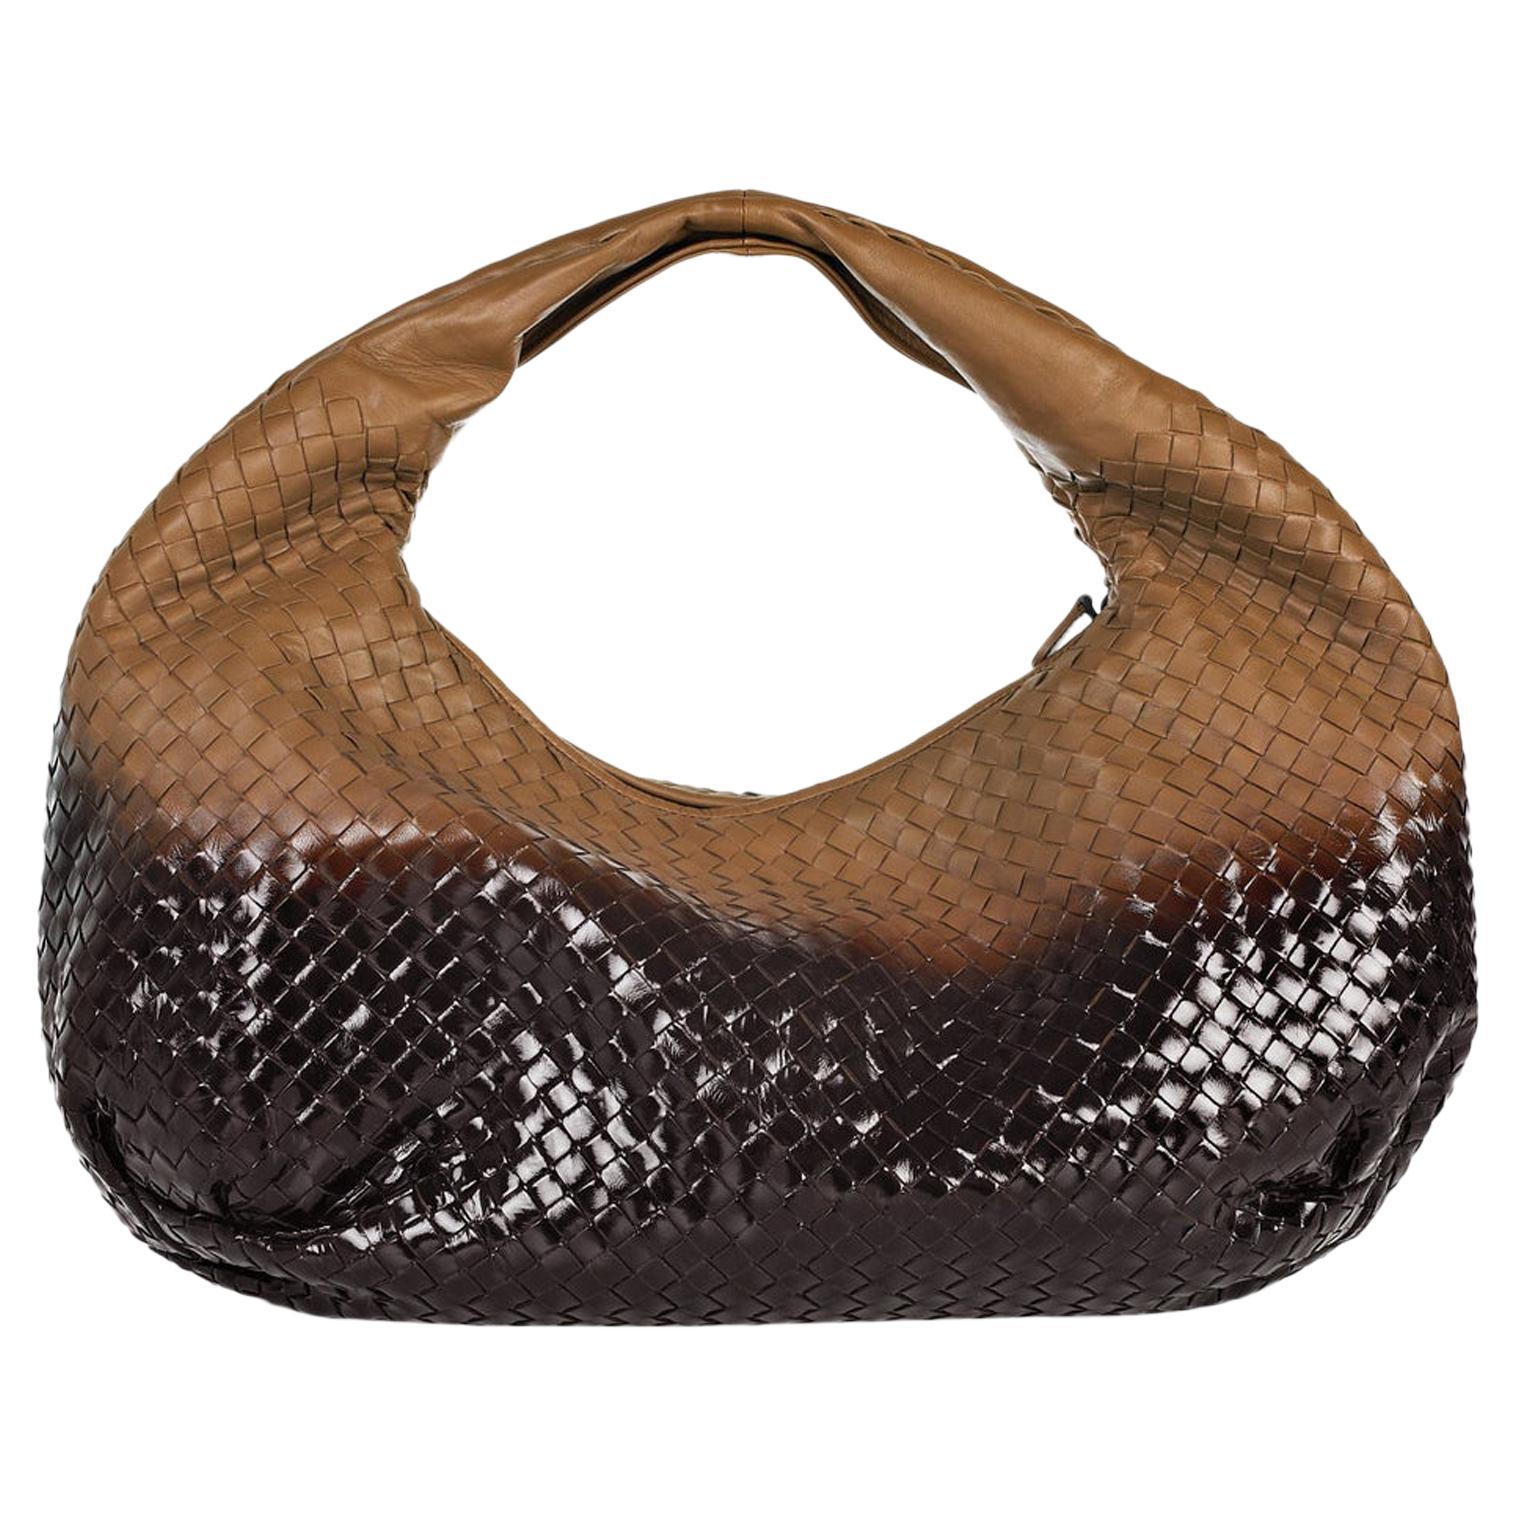 Bottega Veneta Intrecciato Nappa Degrade Hobo Shoulder Bag